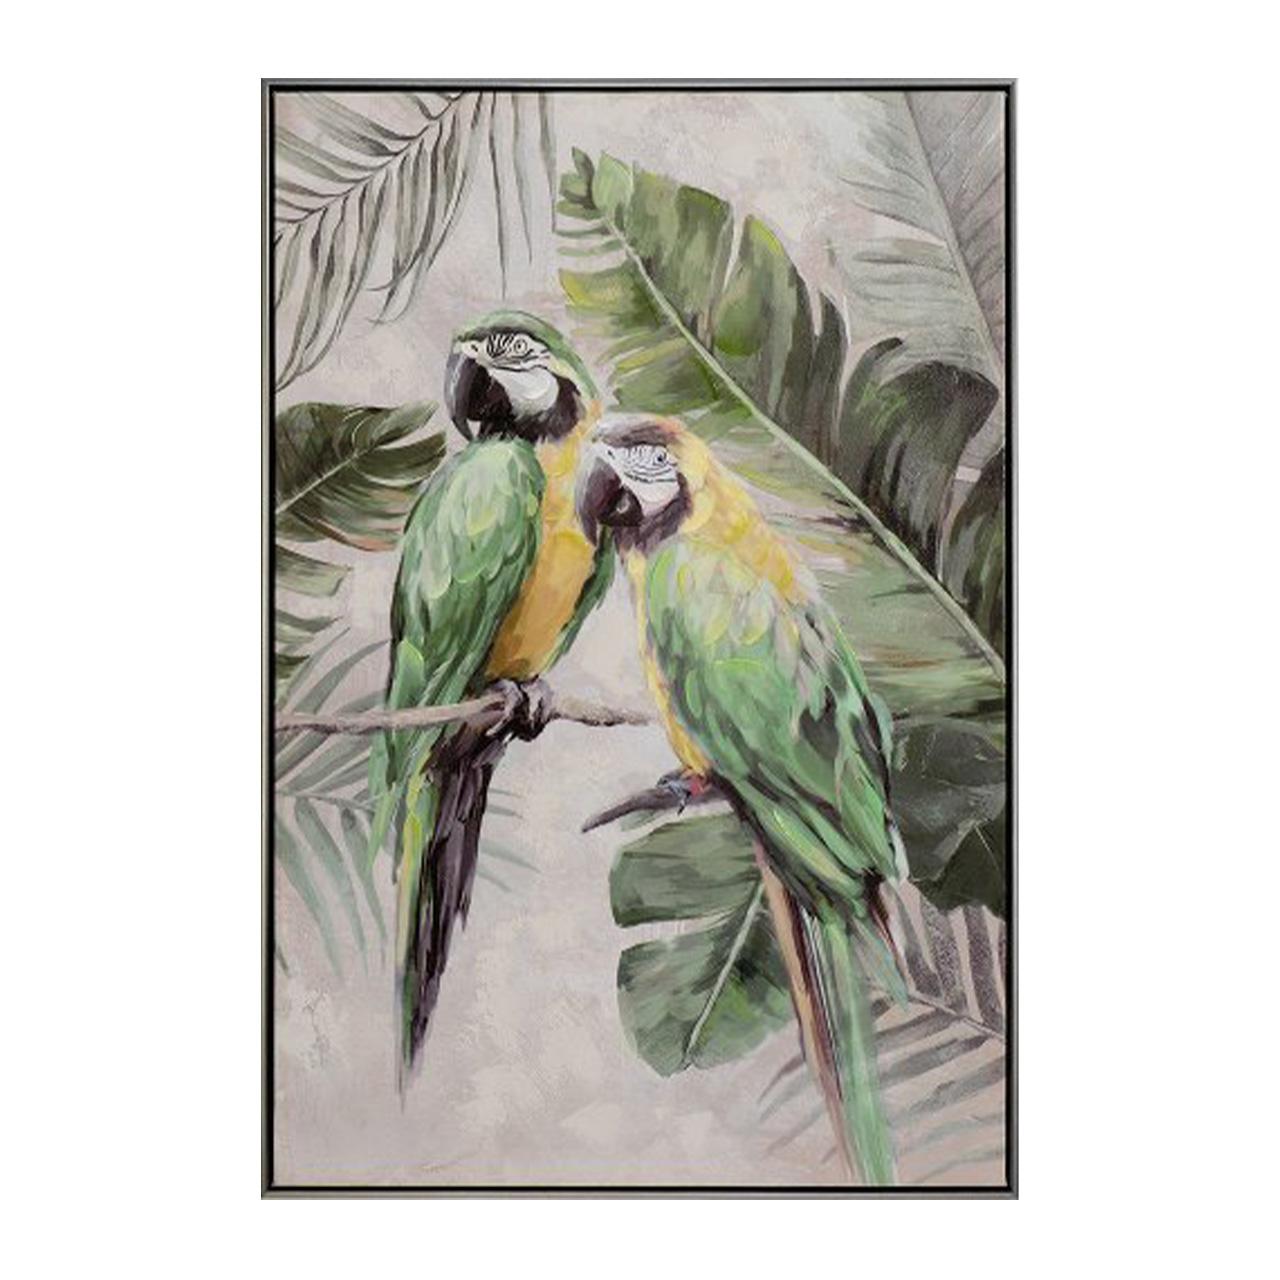 Imageland Bild Grün-gelbe Papageien